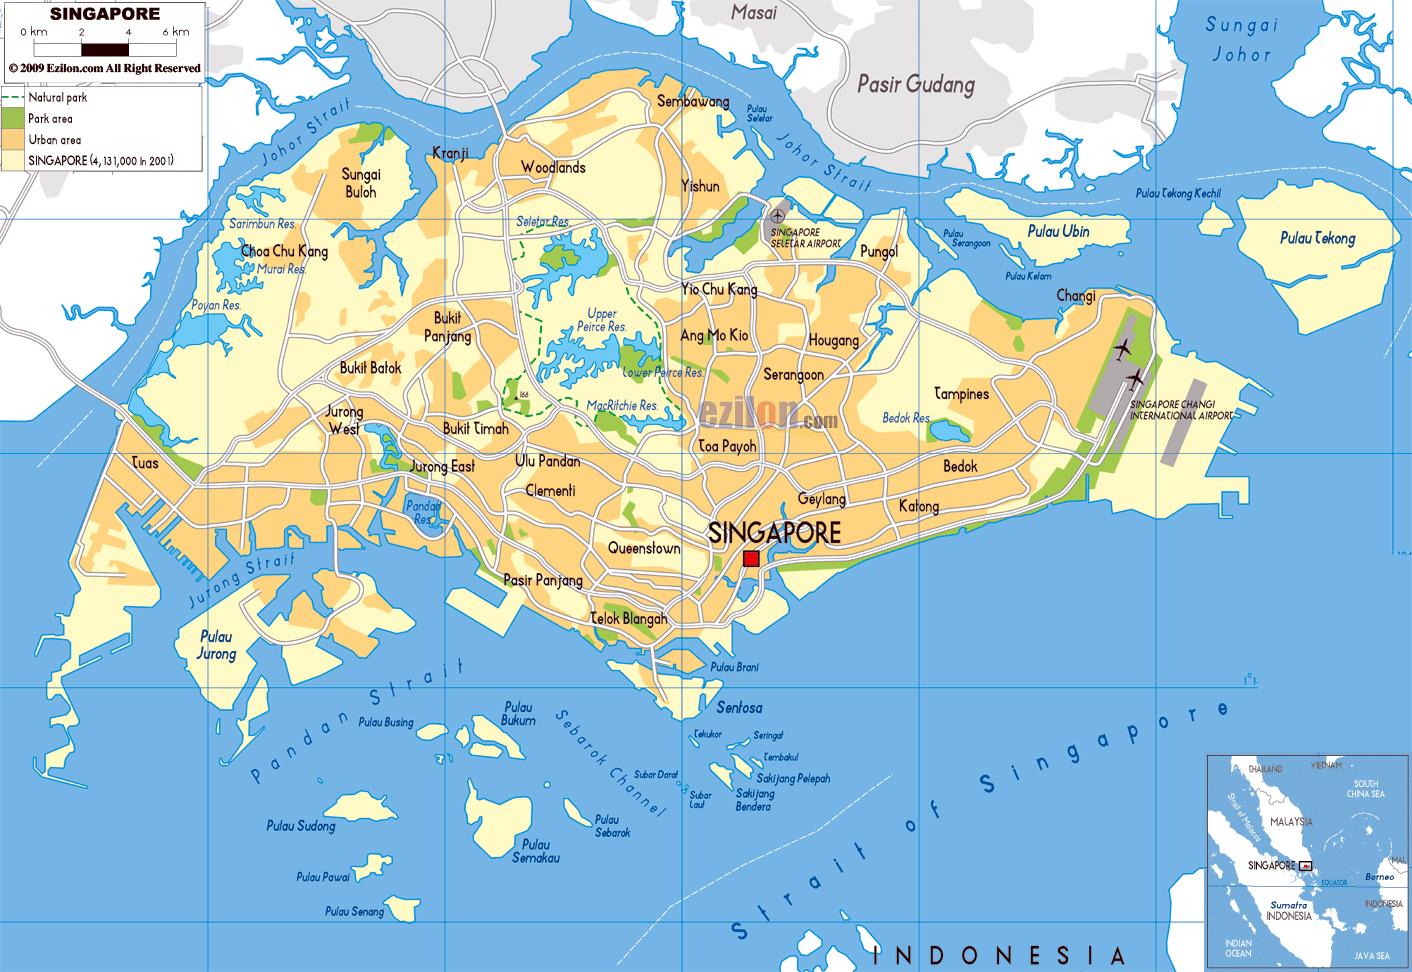 Grande Mapa Fisico De Singapur Con Carreteras Y Aeropuertos